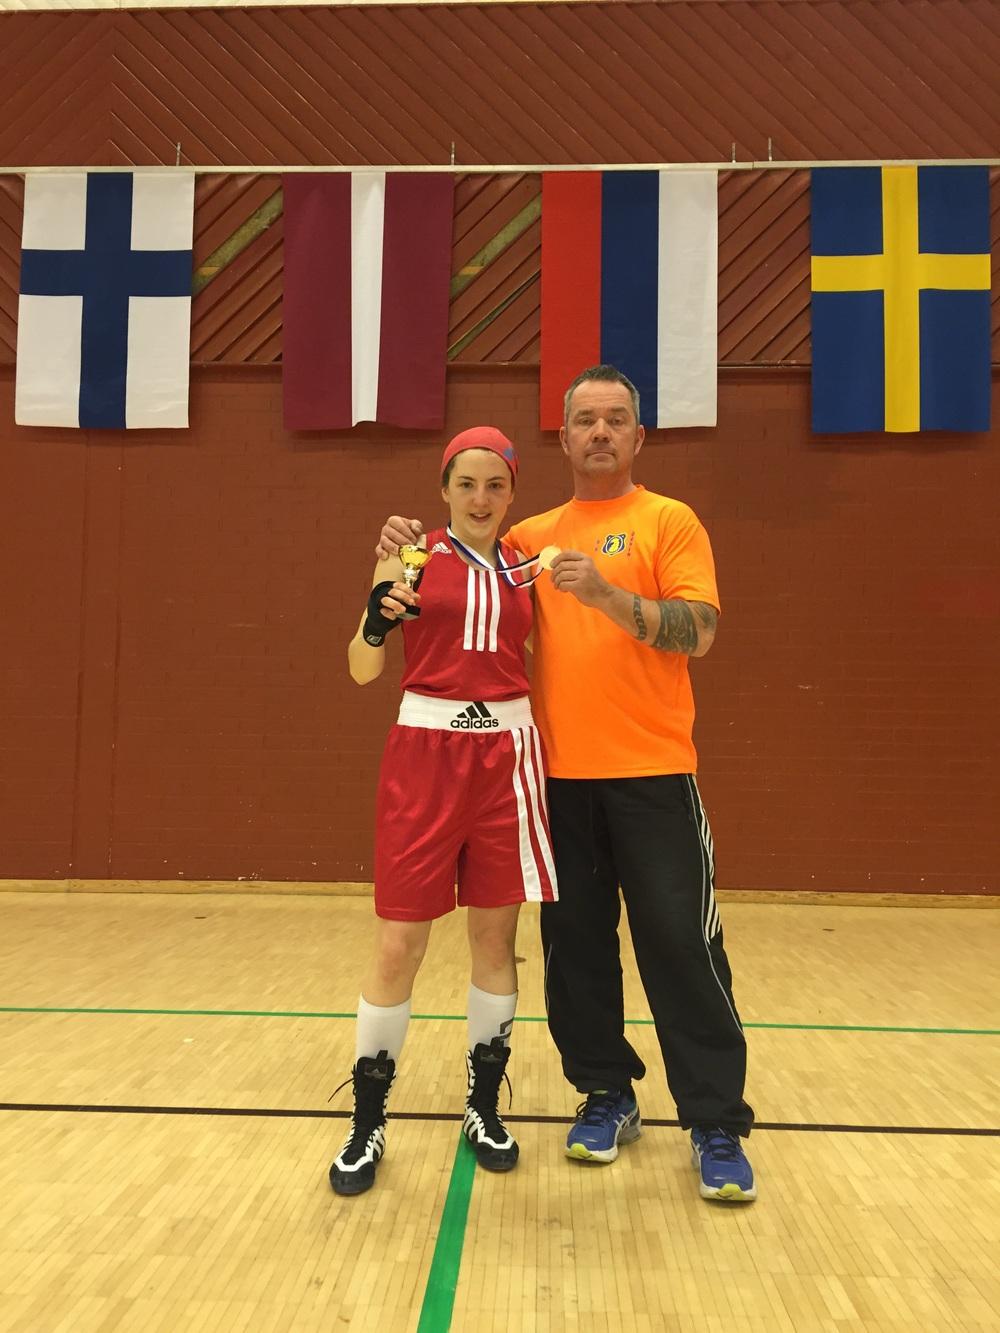 Mia och stolt Coach Perkele